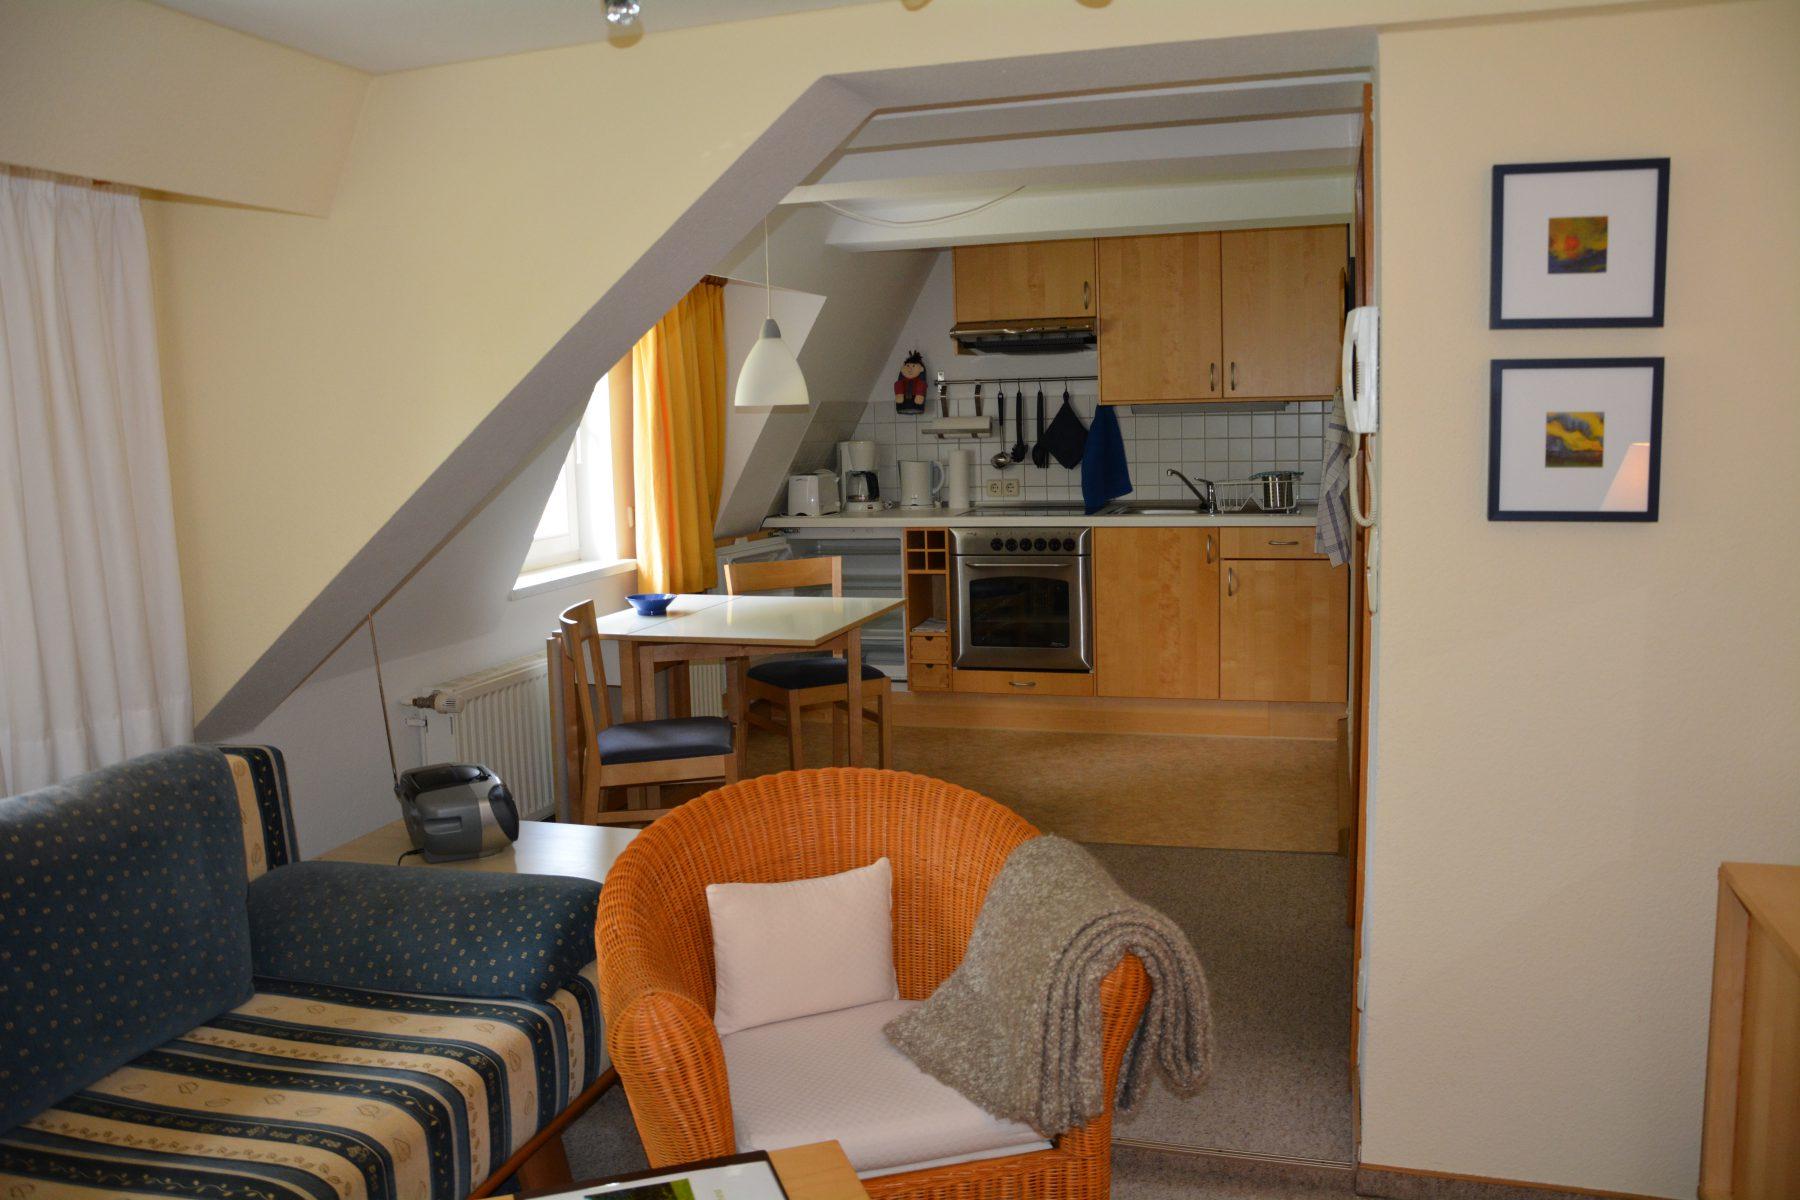 Ferienwohnung im Verlegerhaus Seiffen Kategorie N2a Detail Wohnzimmer Küche